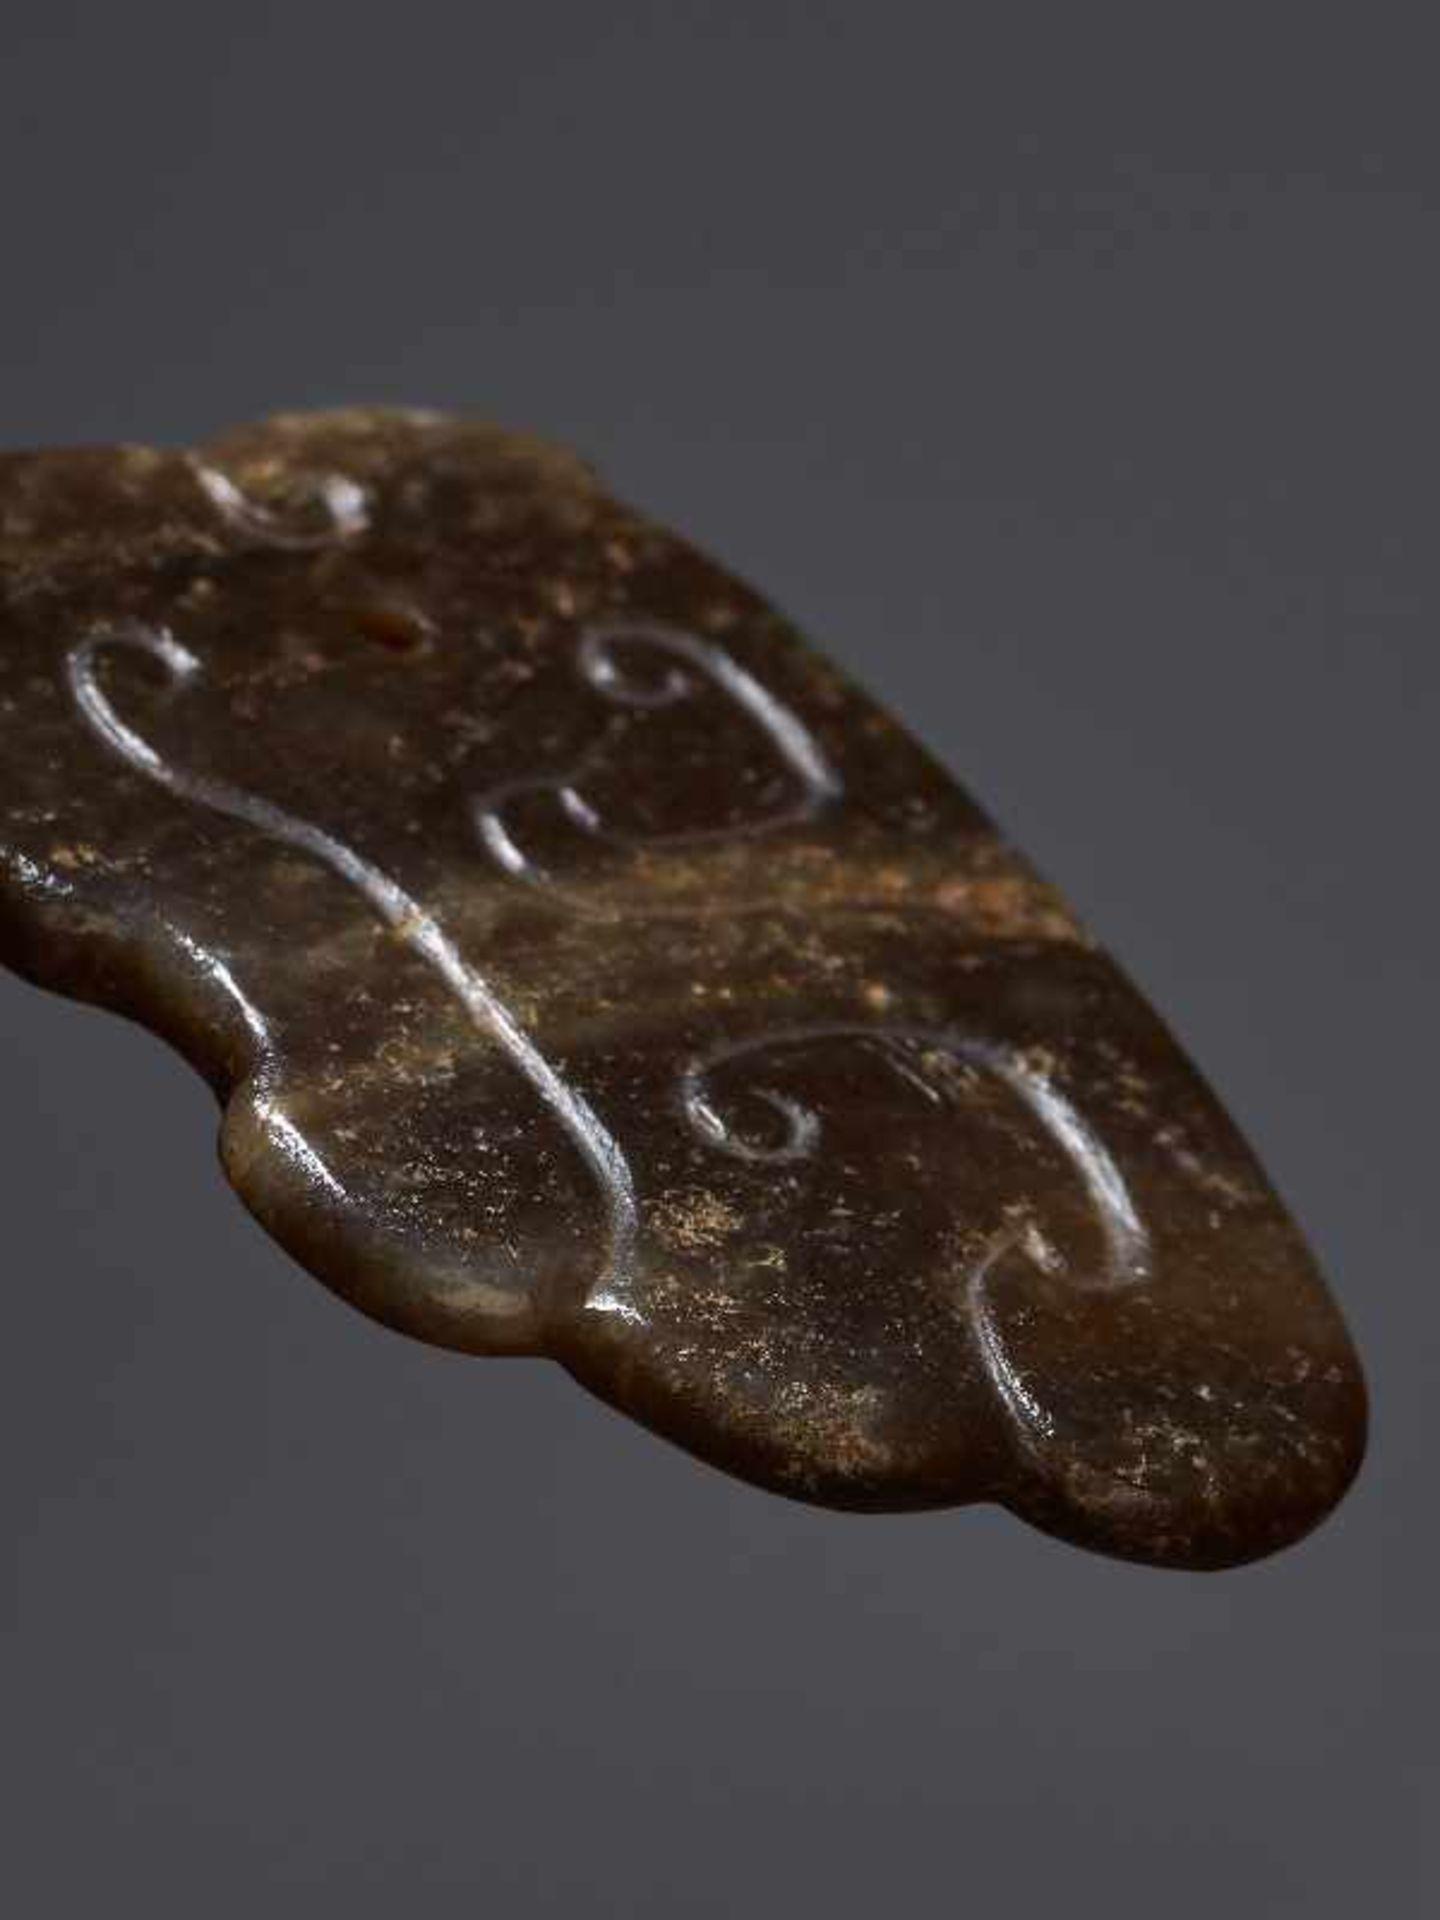 KONVOLUT MIT EINER BI UND DREI AMULETTENJade. China, späte Qing-Dynastie, 19. Jh. 75a: BI Jade. - Image 16 of 17